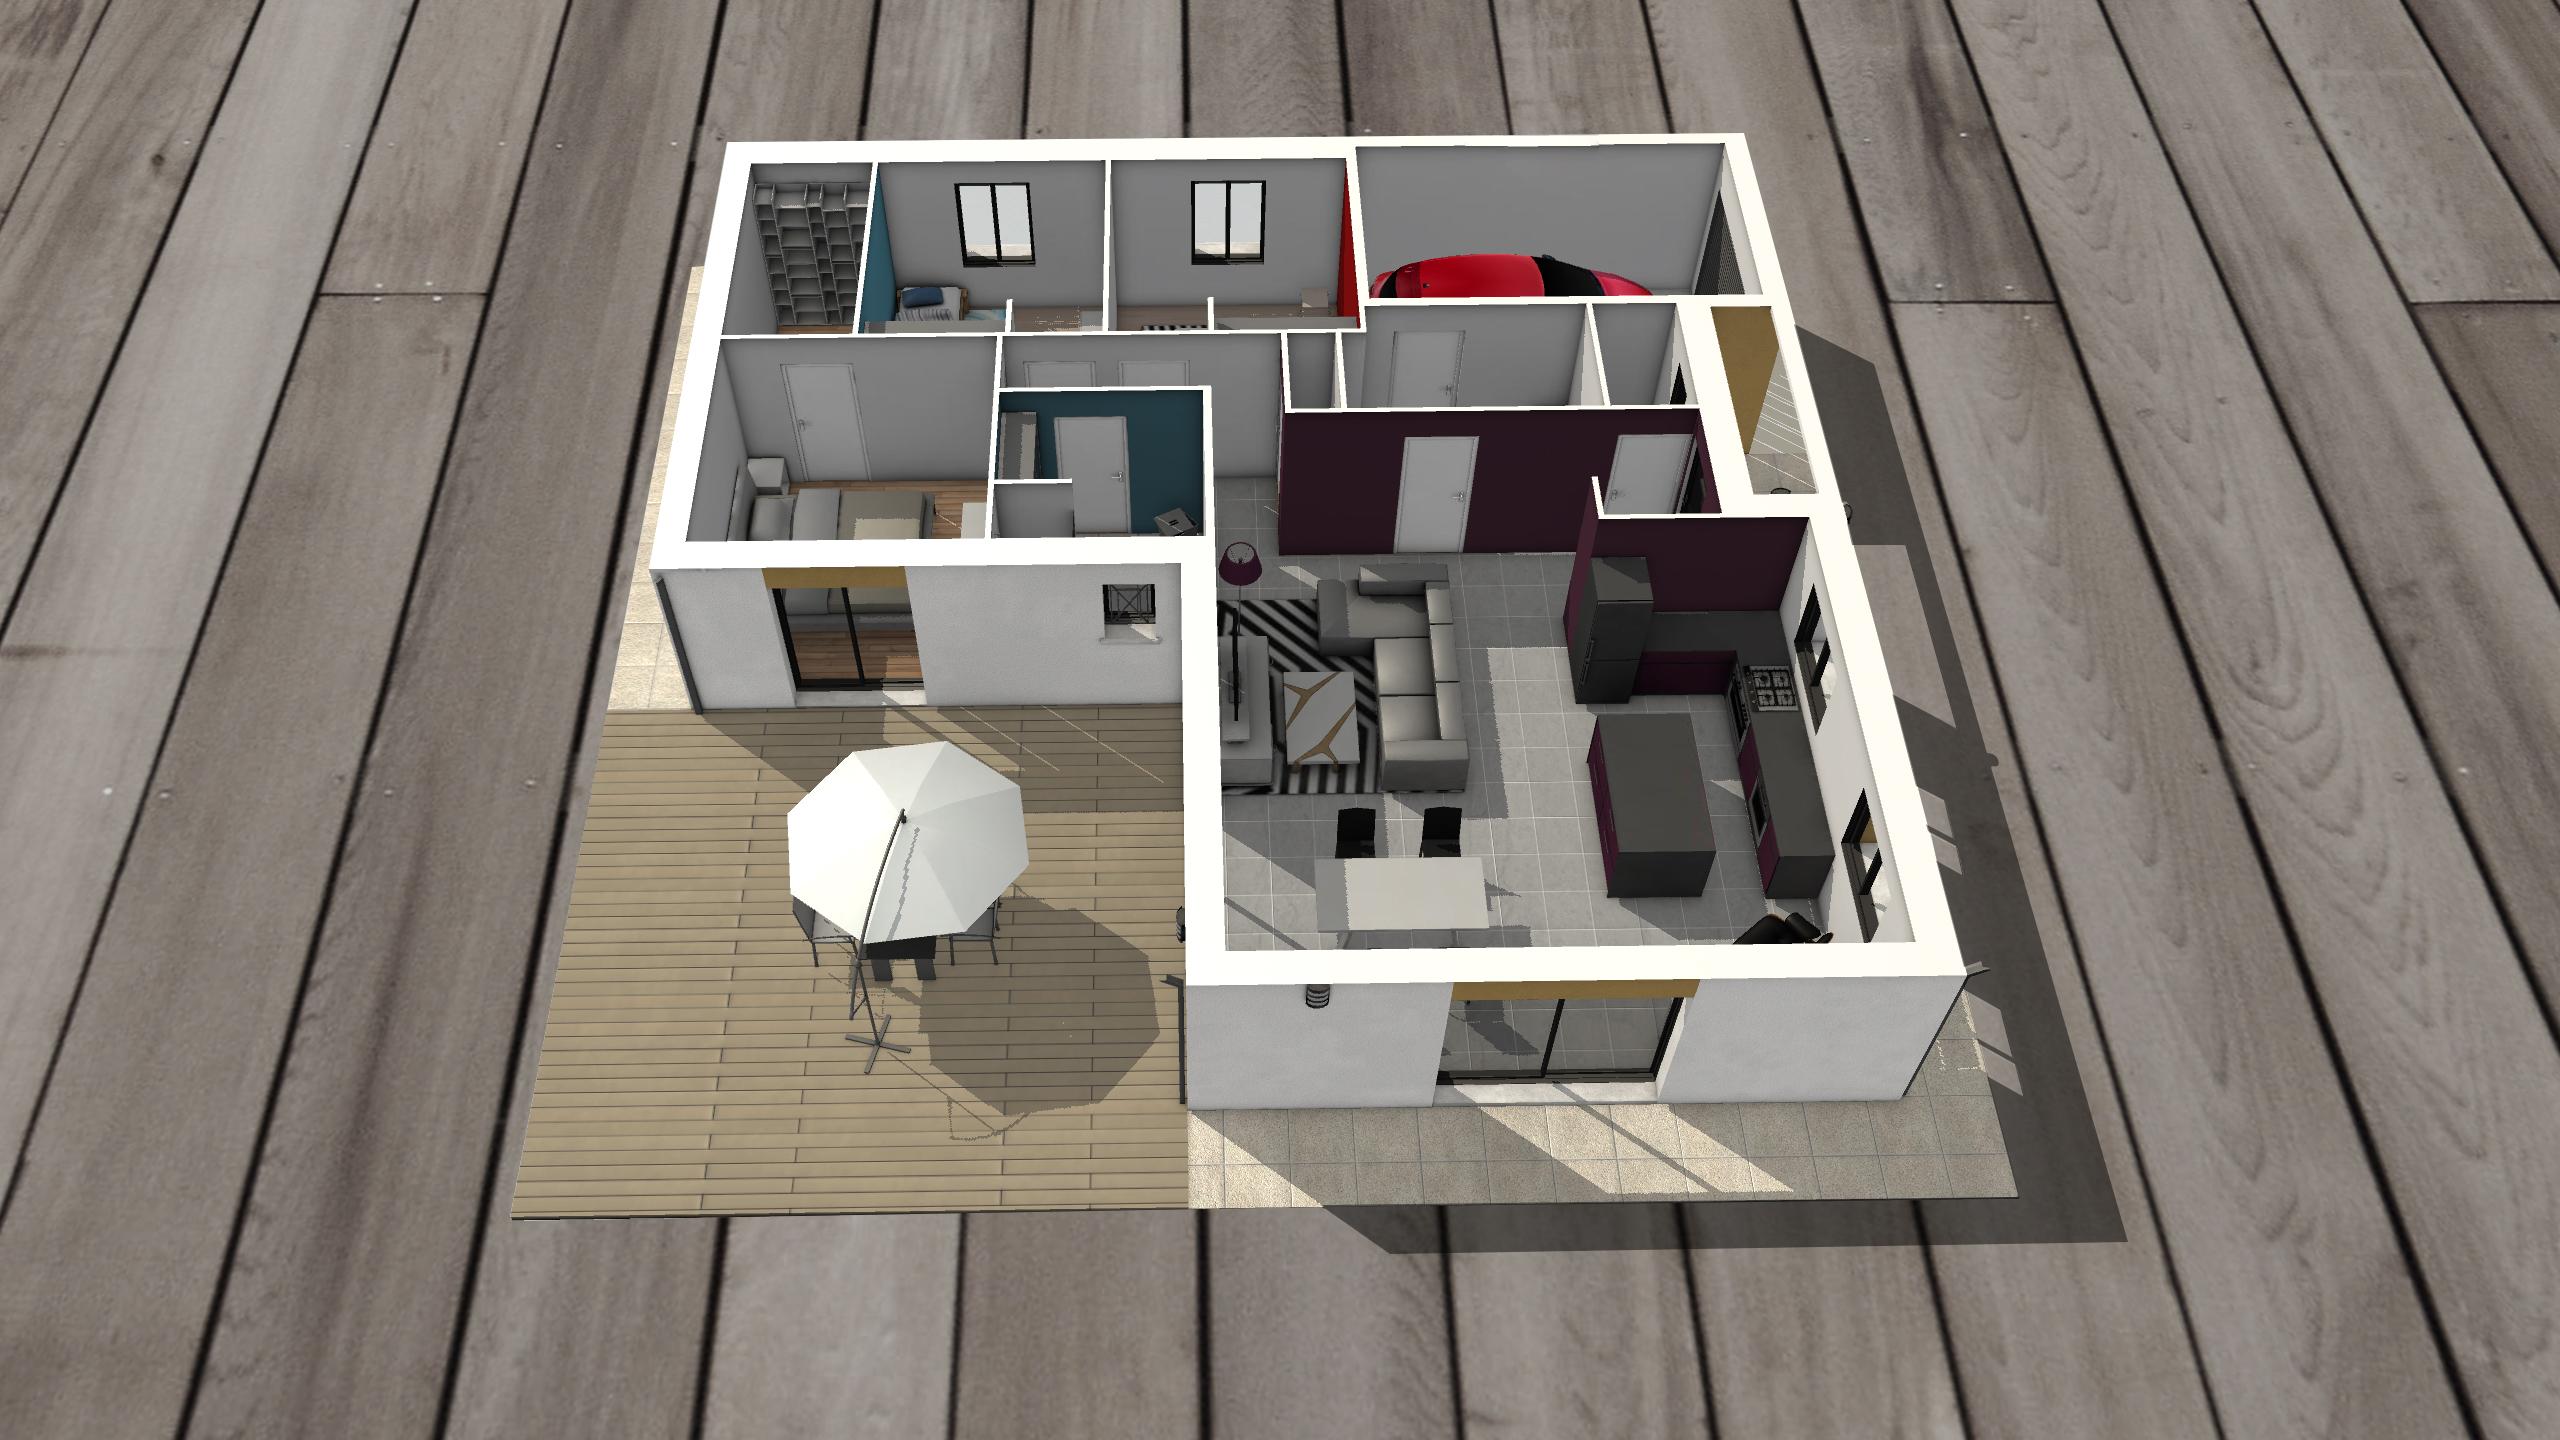 maison en réalité augmentée à taille réduite